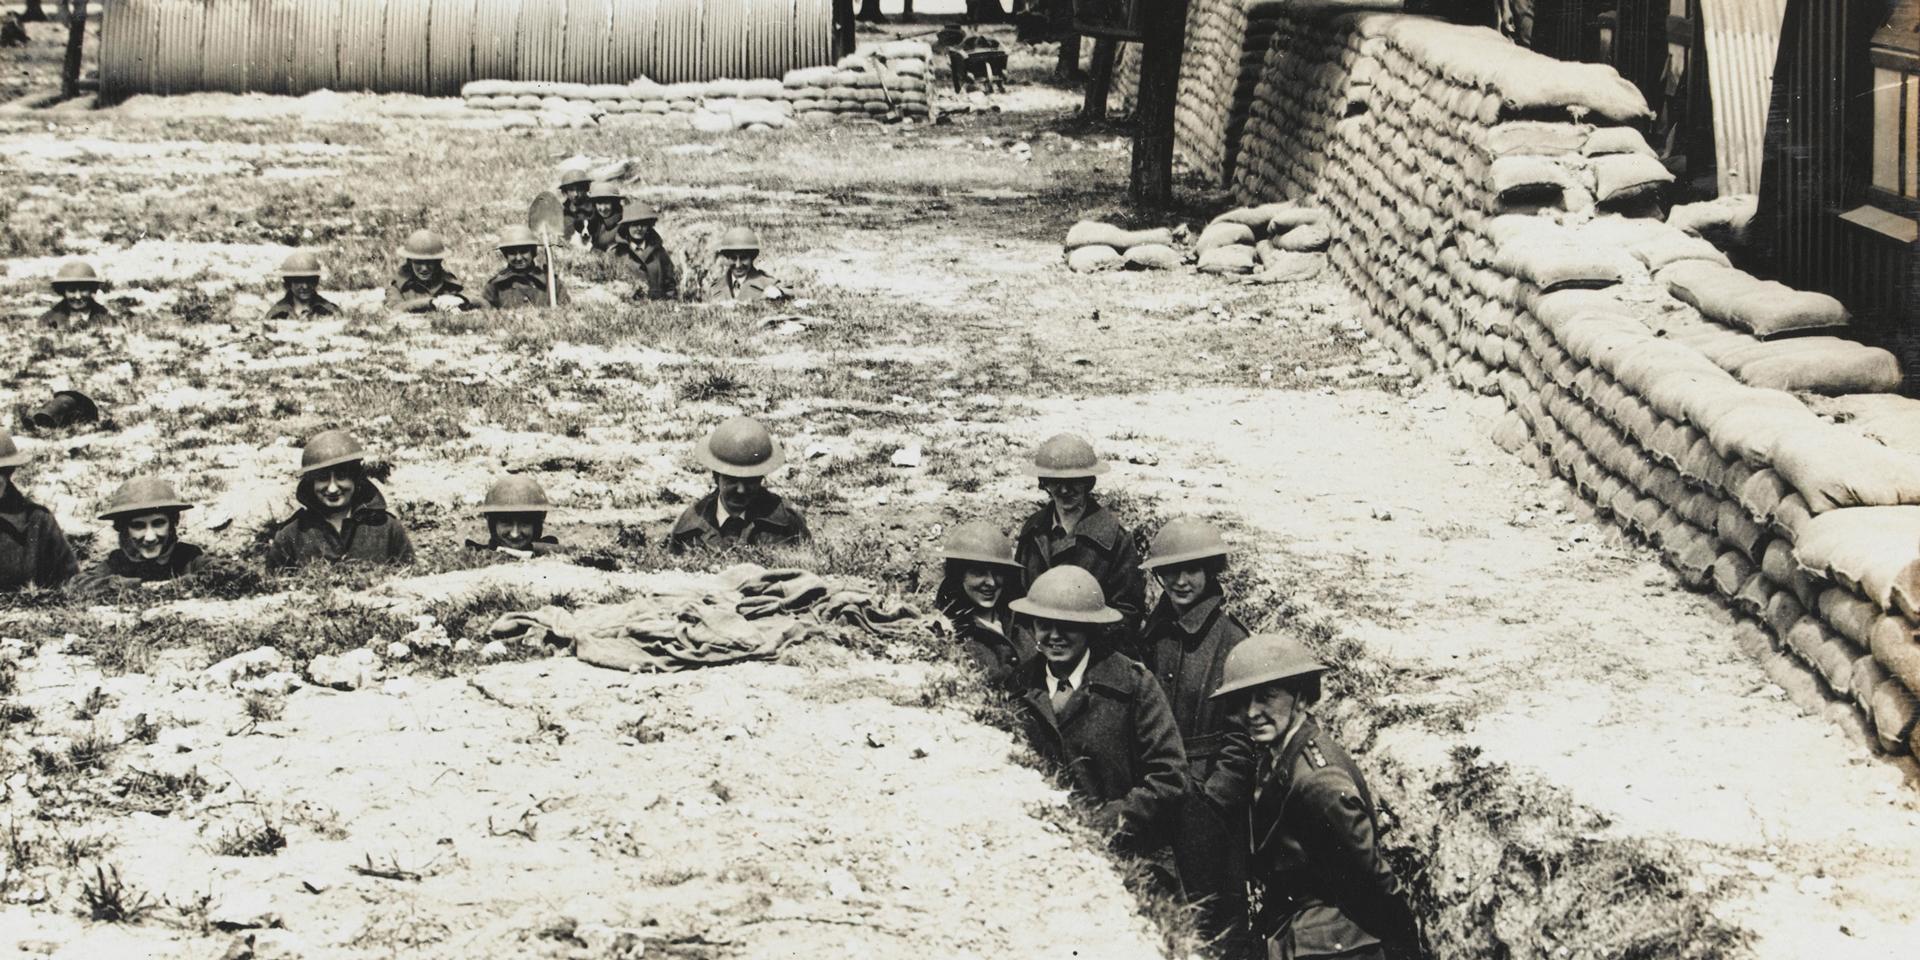 WAACs undertaking air raid precautions training, 1918